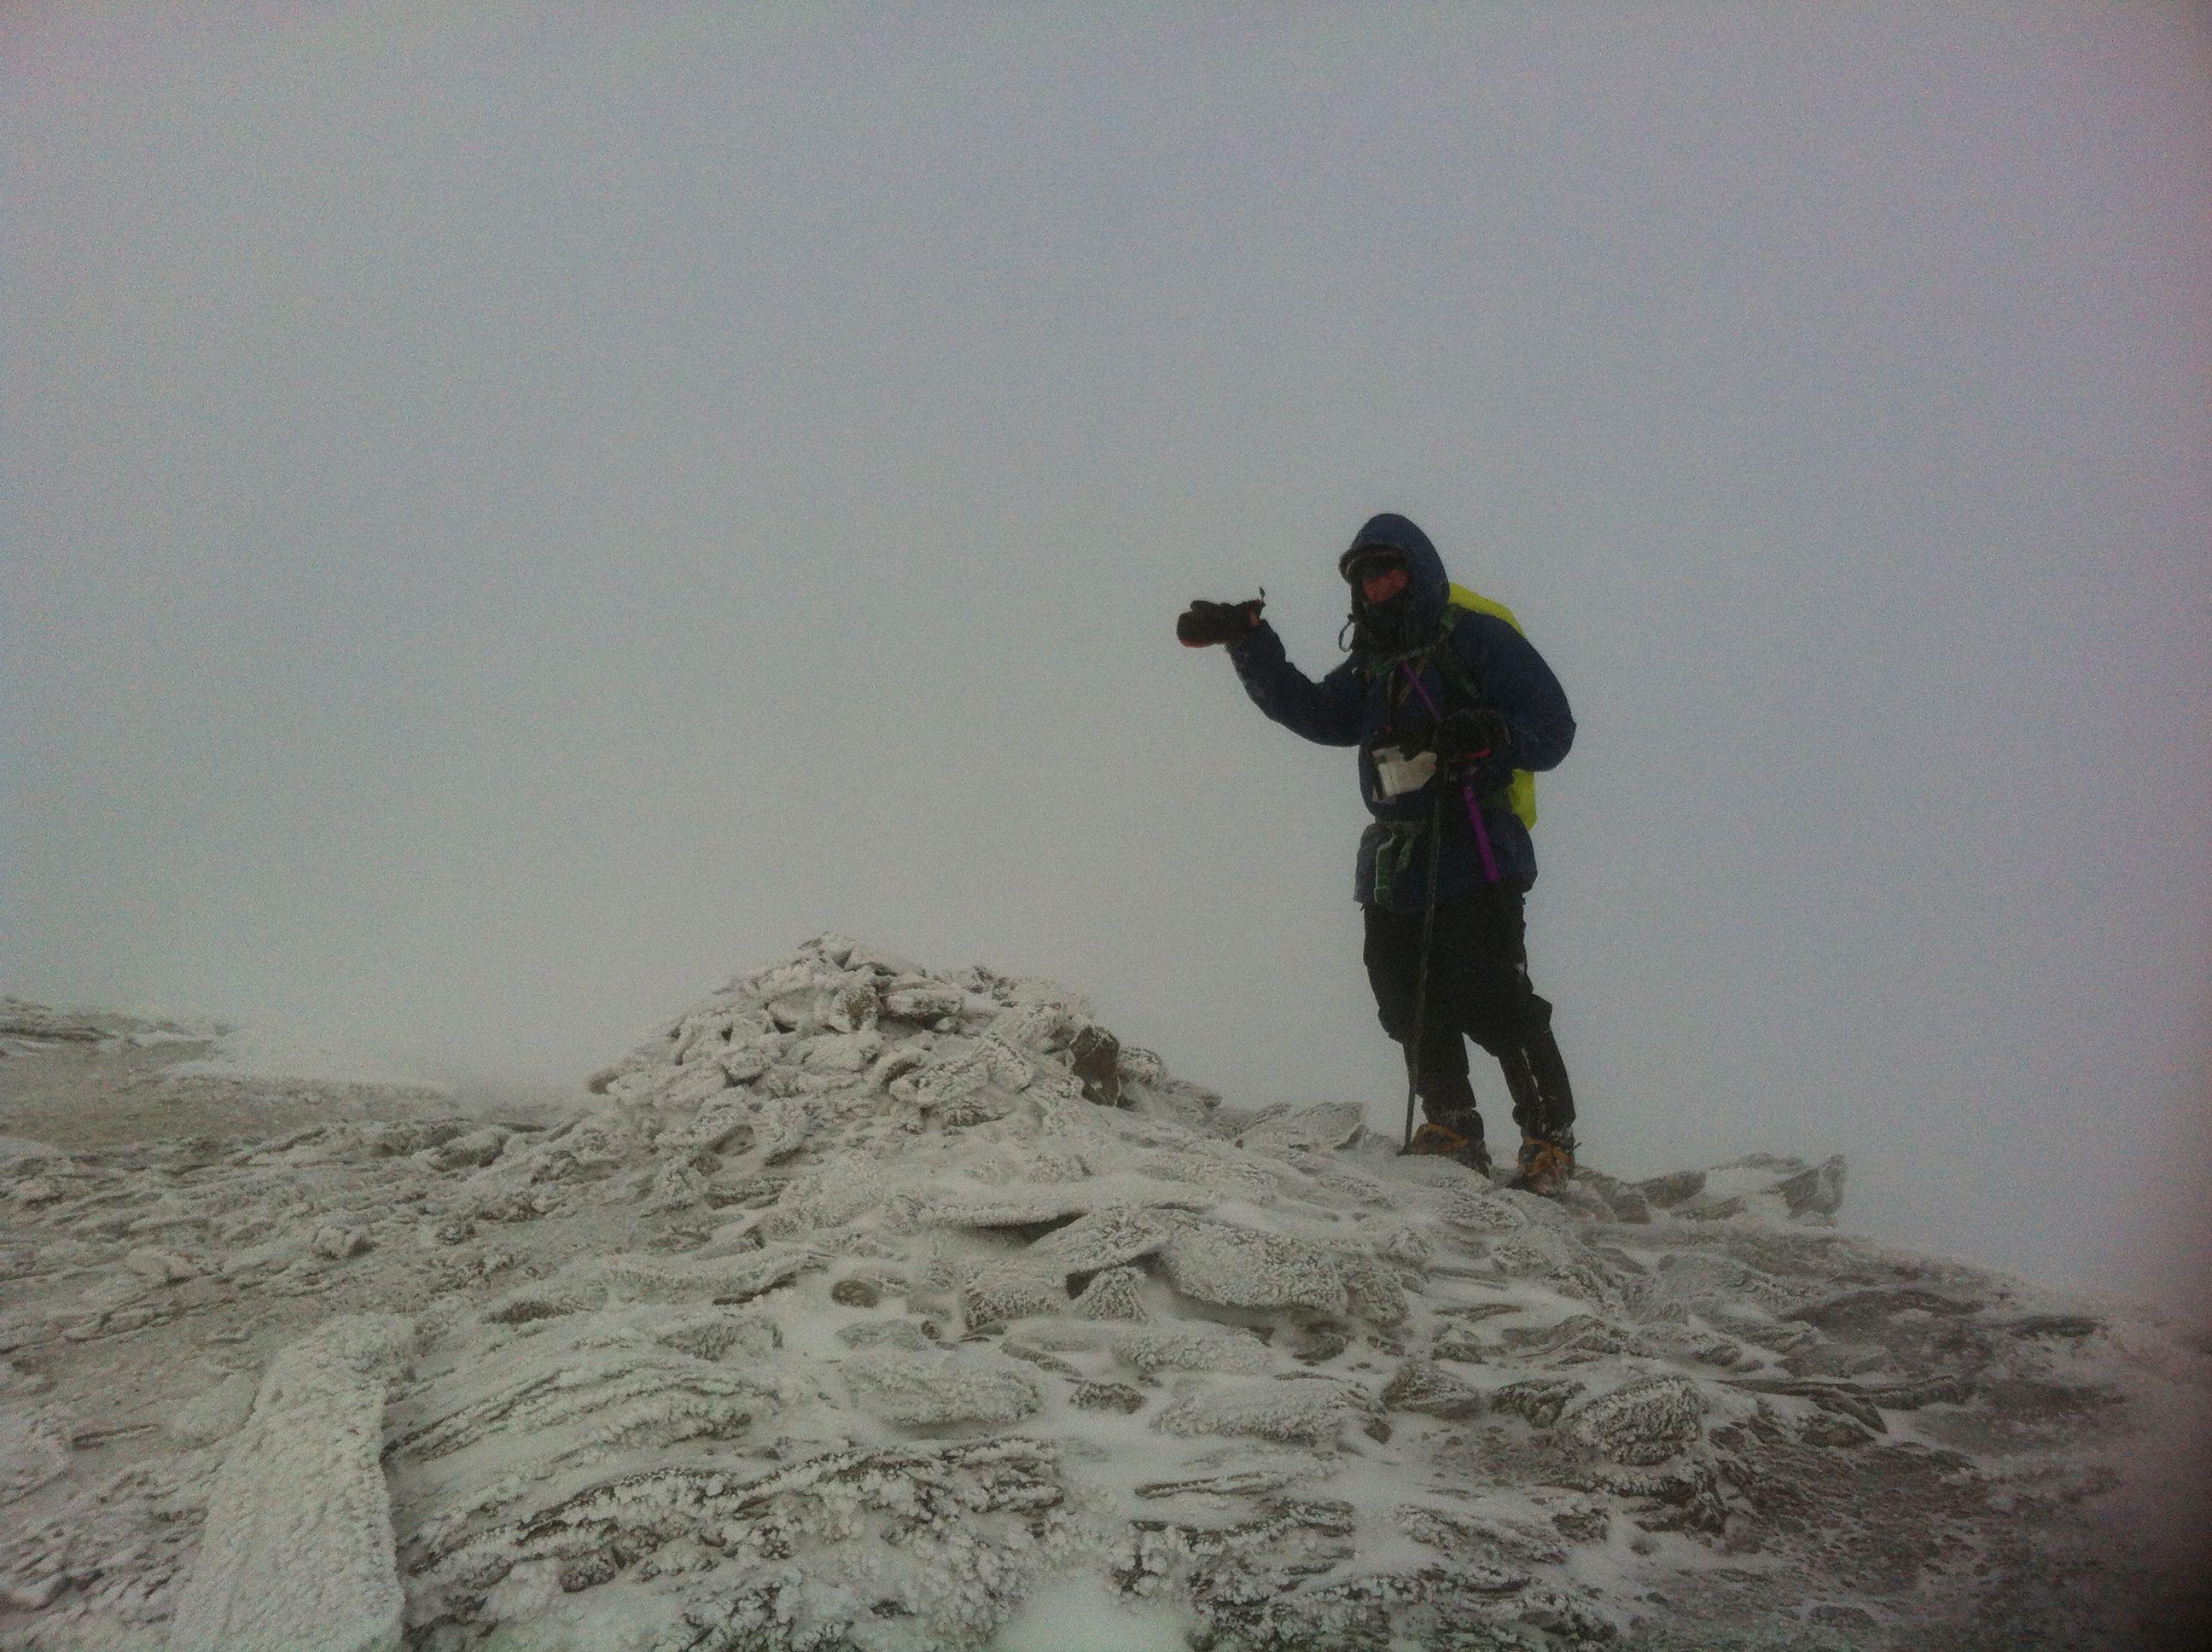 Me on the summit of Stob Binnein